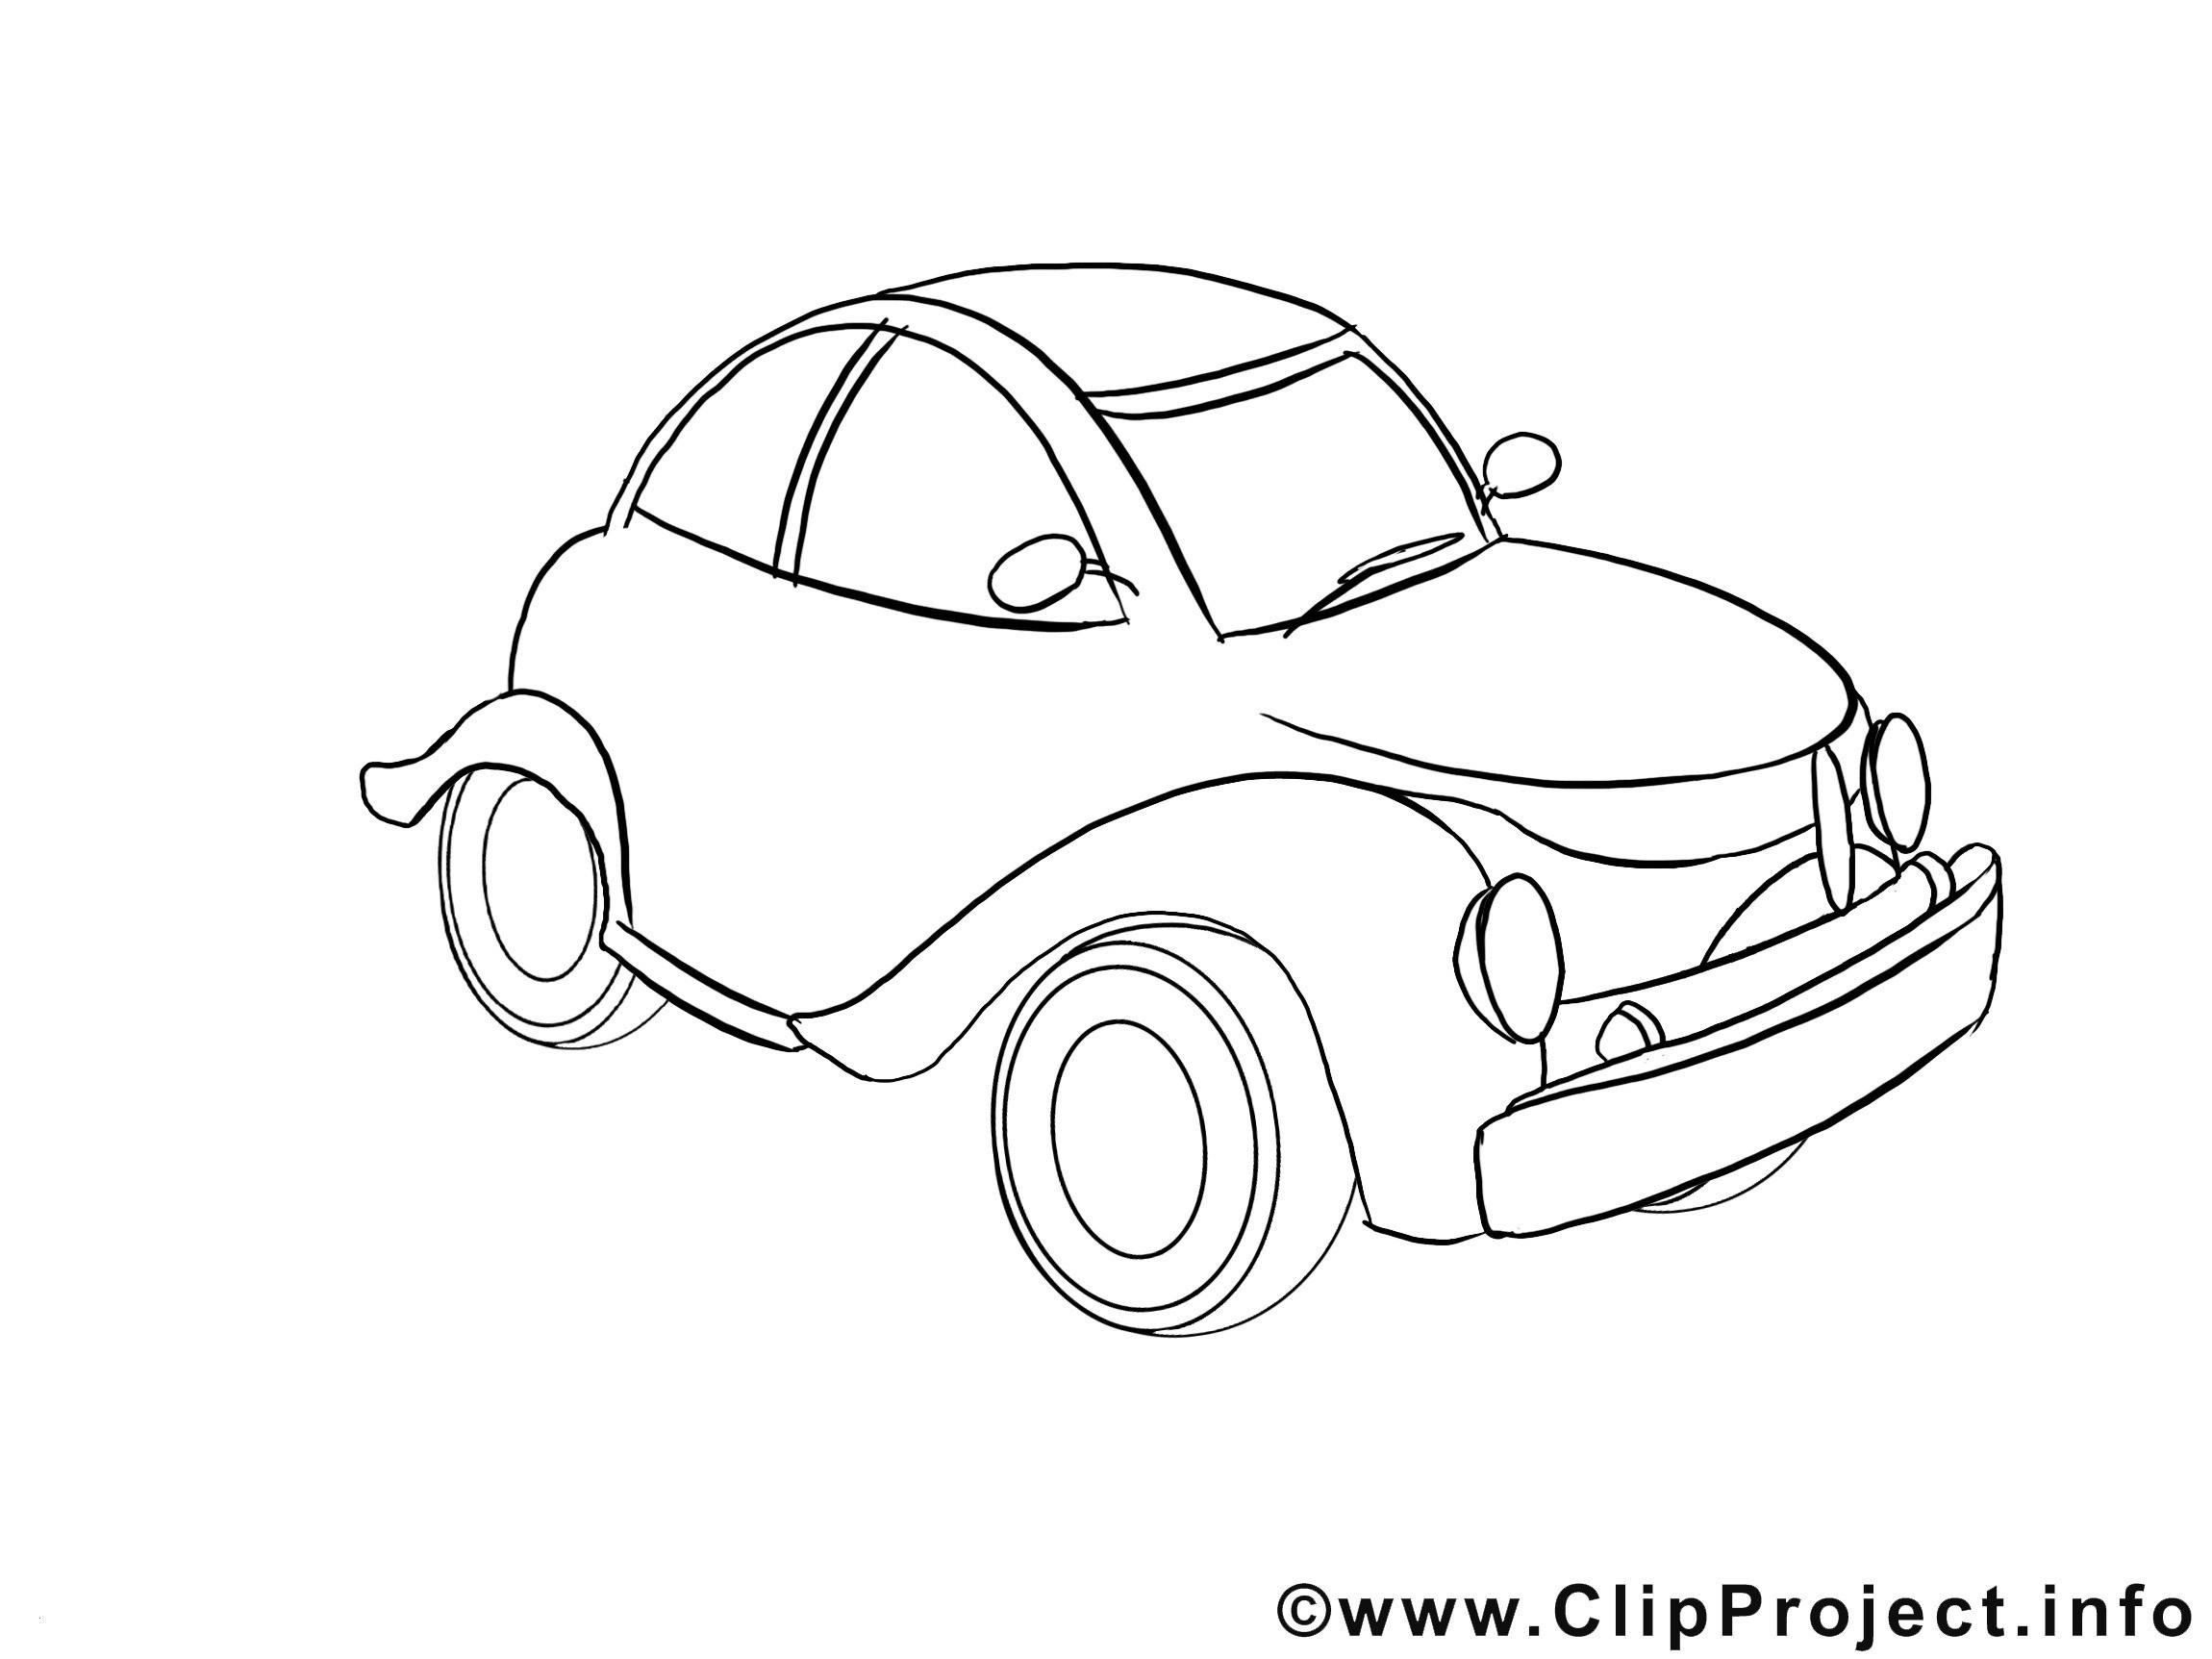 Bilder Zum Zeichnen Und Drucken Herrliche Cars Ausmalbilder Zum